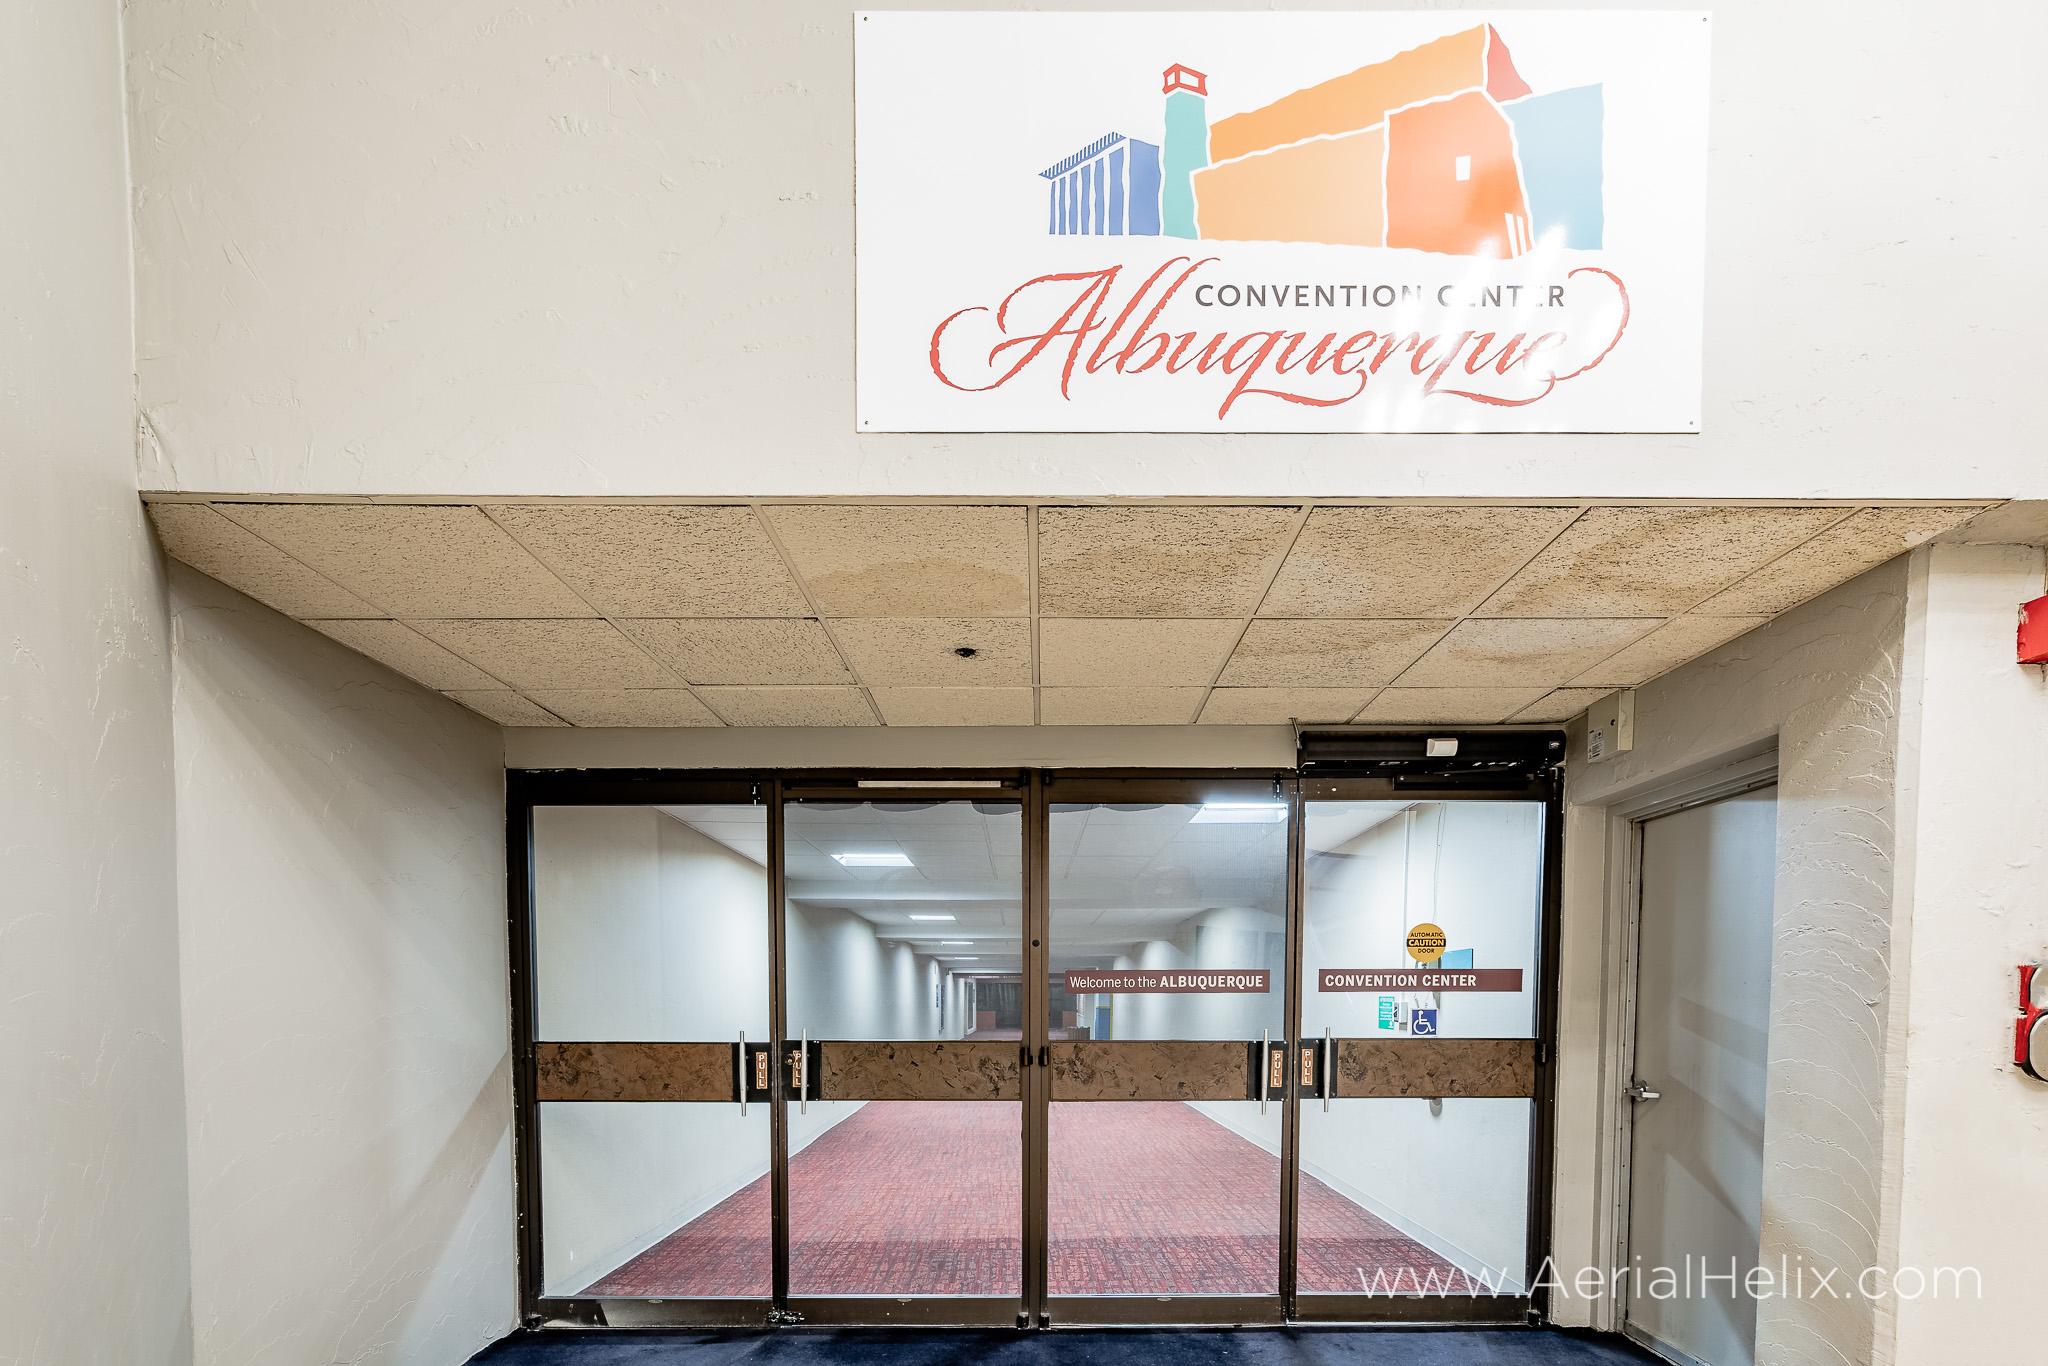 Hilton Doubletree Albuquerque small-135.jpg